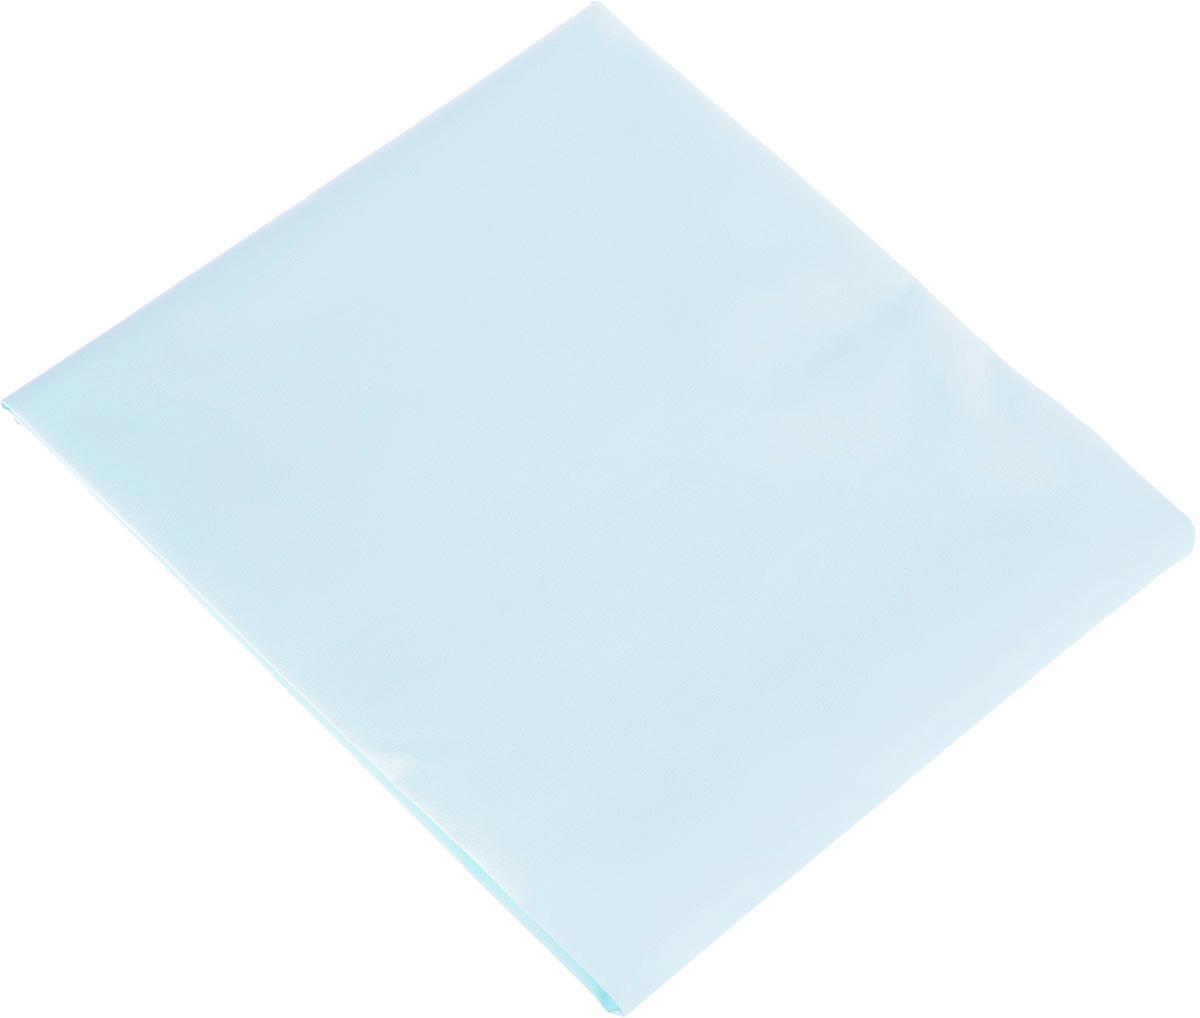 Пелигрин Наматрасник детский цвет голубой 120 х 60 х 10 см531-105Наматрасник Пелигрин с резинками на углах сделан из специальной клеёнки.Непромокаемый дышащий наматрасник надежно защитит кроватку малыша от протеканий и продлит срок службы матраса. Материал, из которого он сделан, обладает отличной теплопроводностью и паропроницаемостью. Он быстро приобретает температуру тела. тем самым устраняя эффект холодного прикосновения. А это значит, что вашему крохе будет всегда уютно в своей кроватке.Допускается машинная стирка при температуре 30 градусов, не требует глажки.